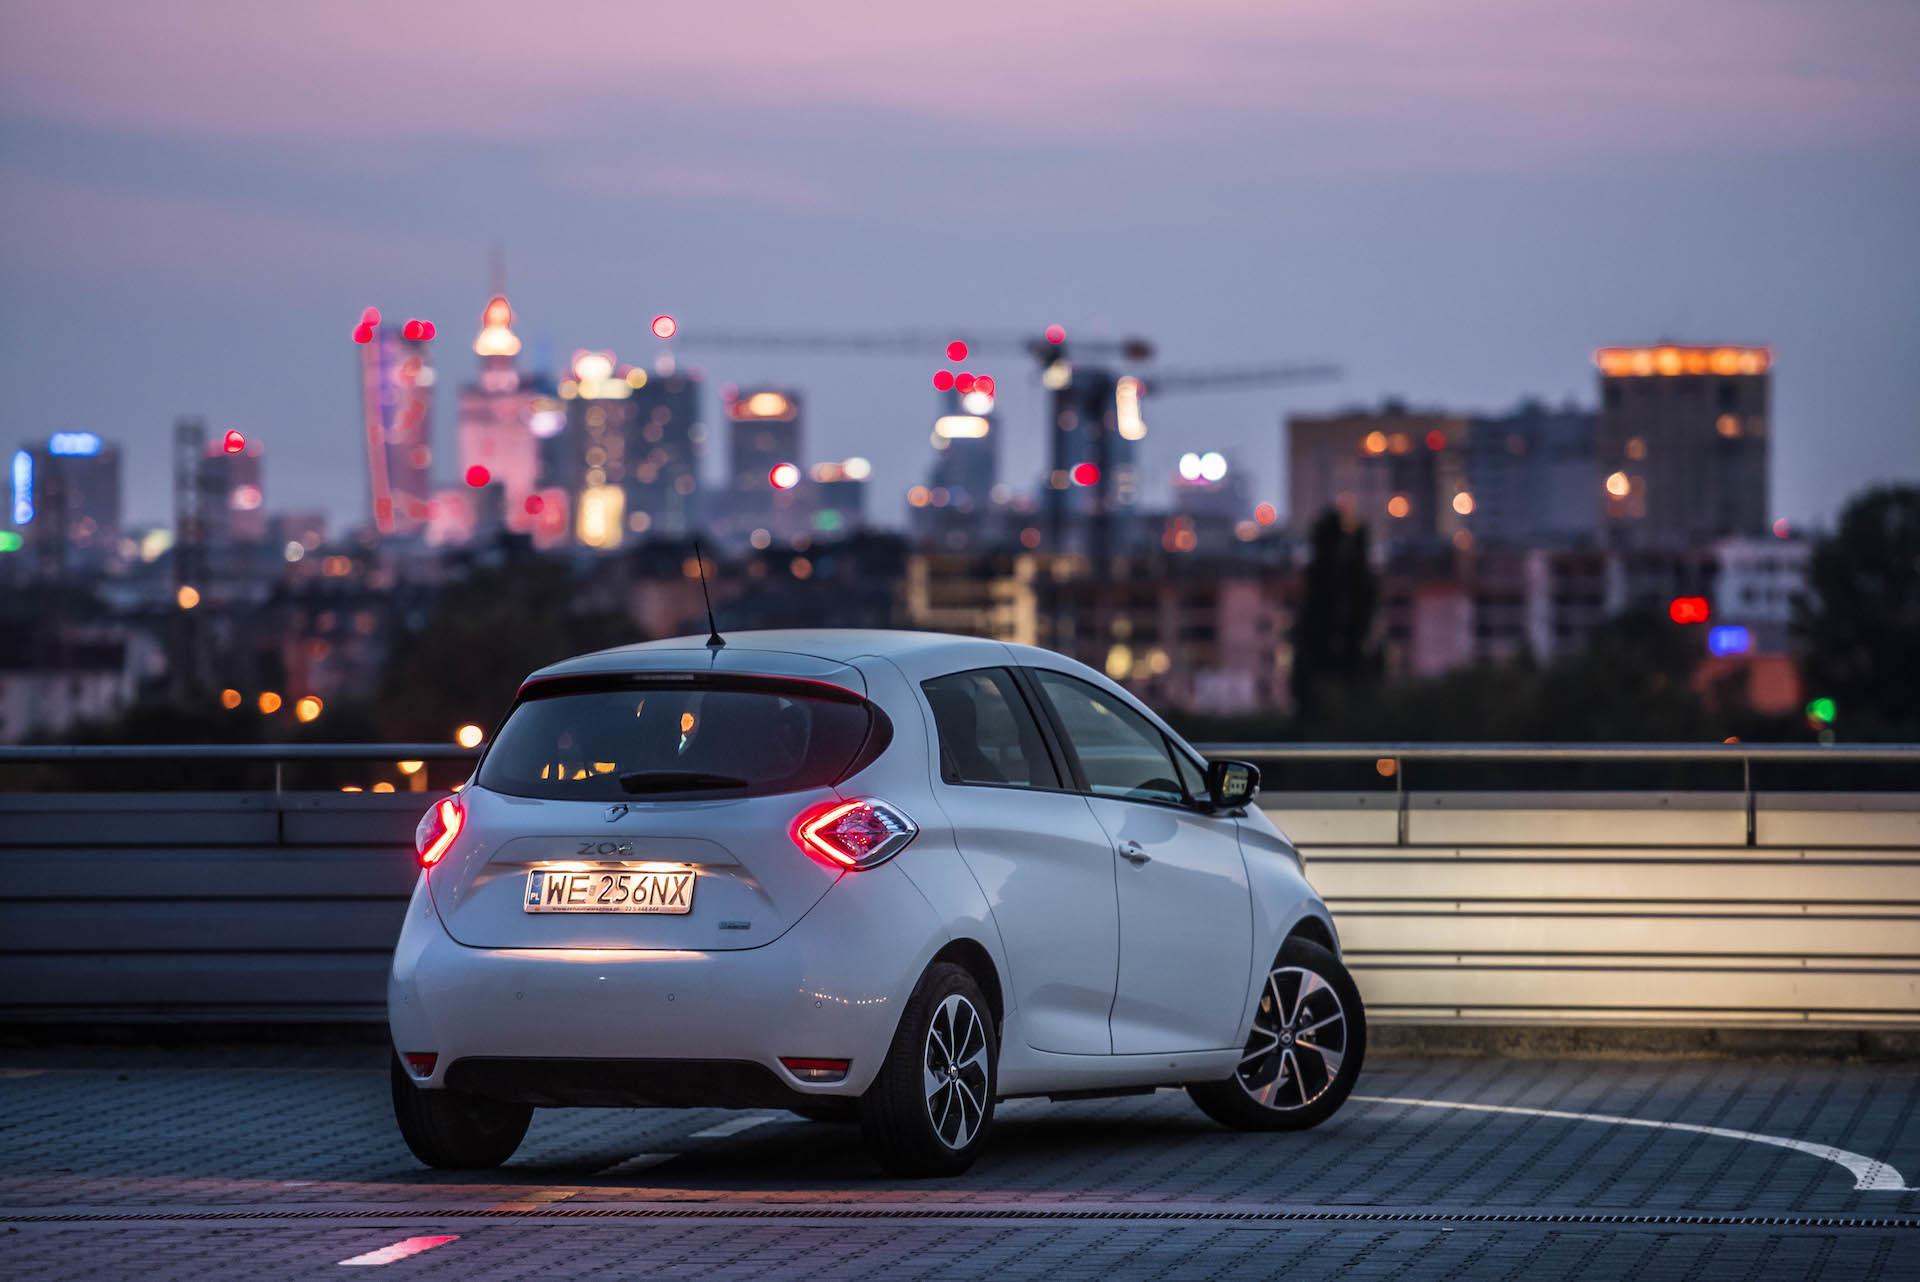 Renault Warszawa